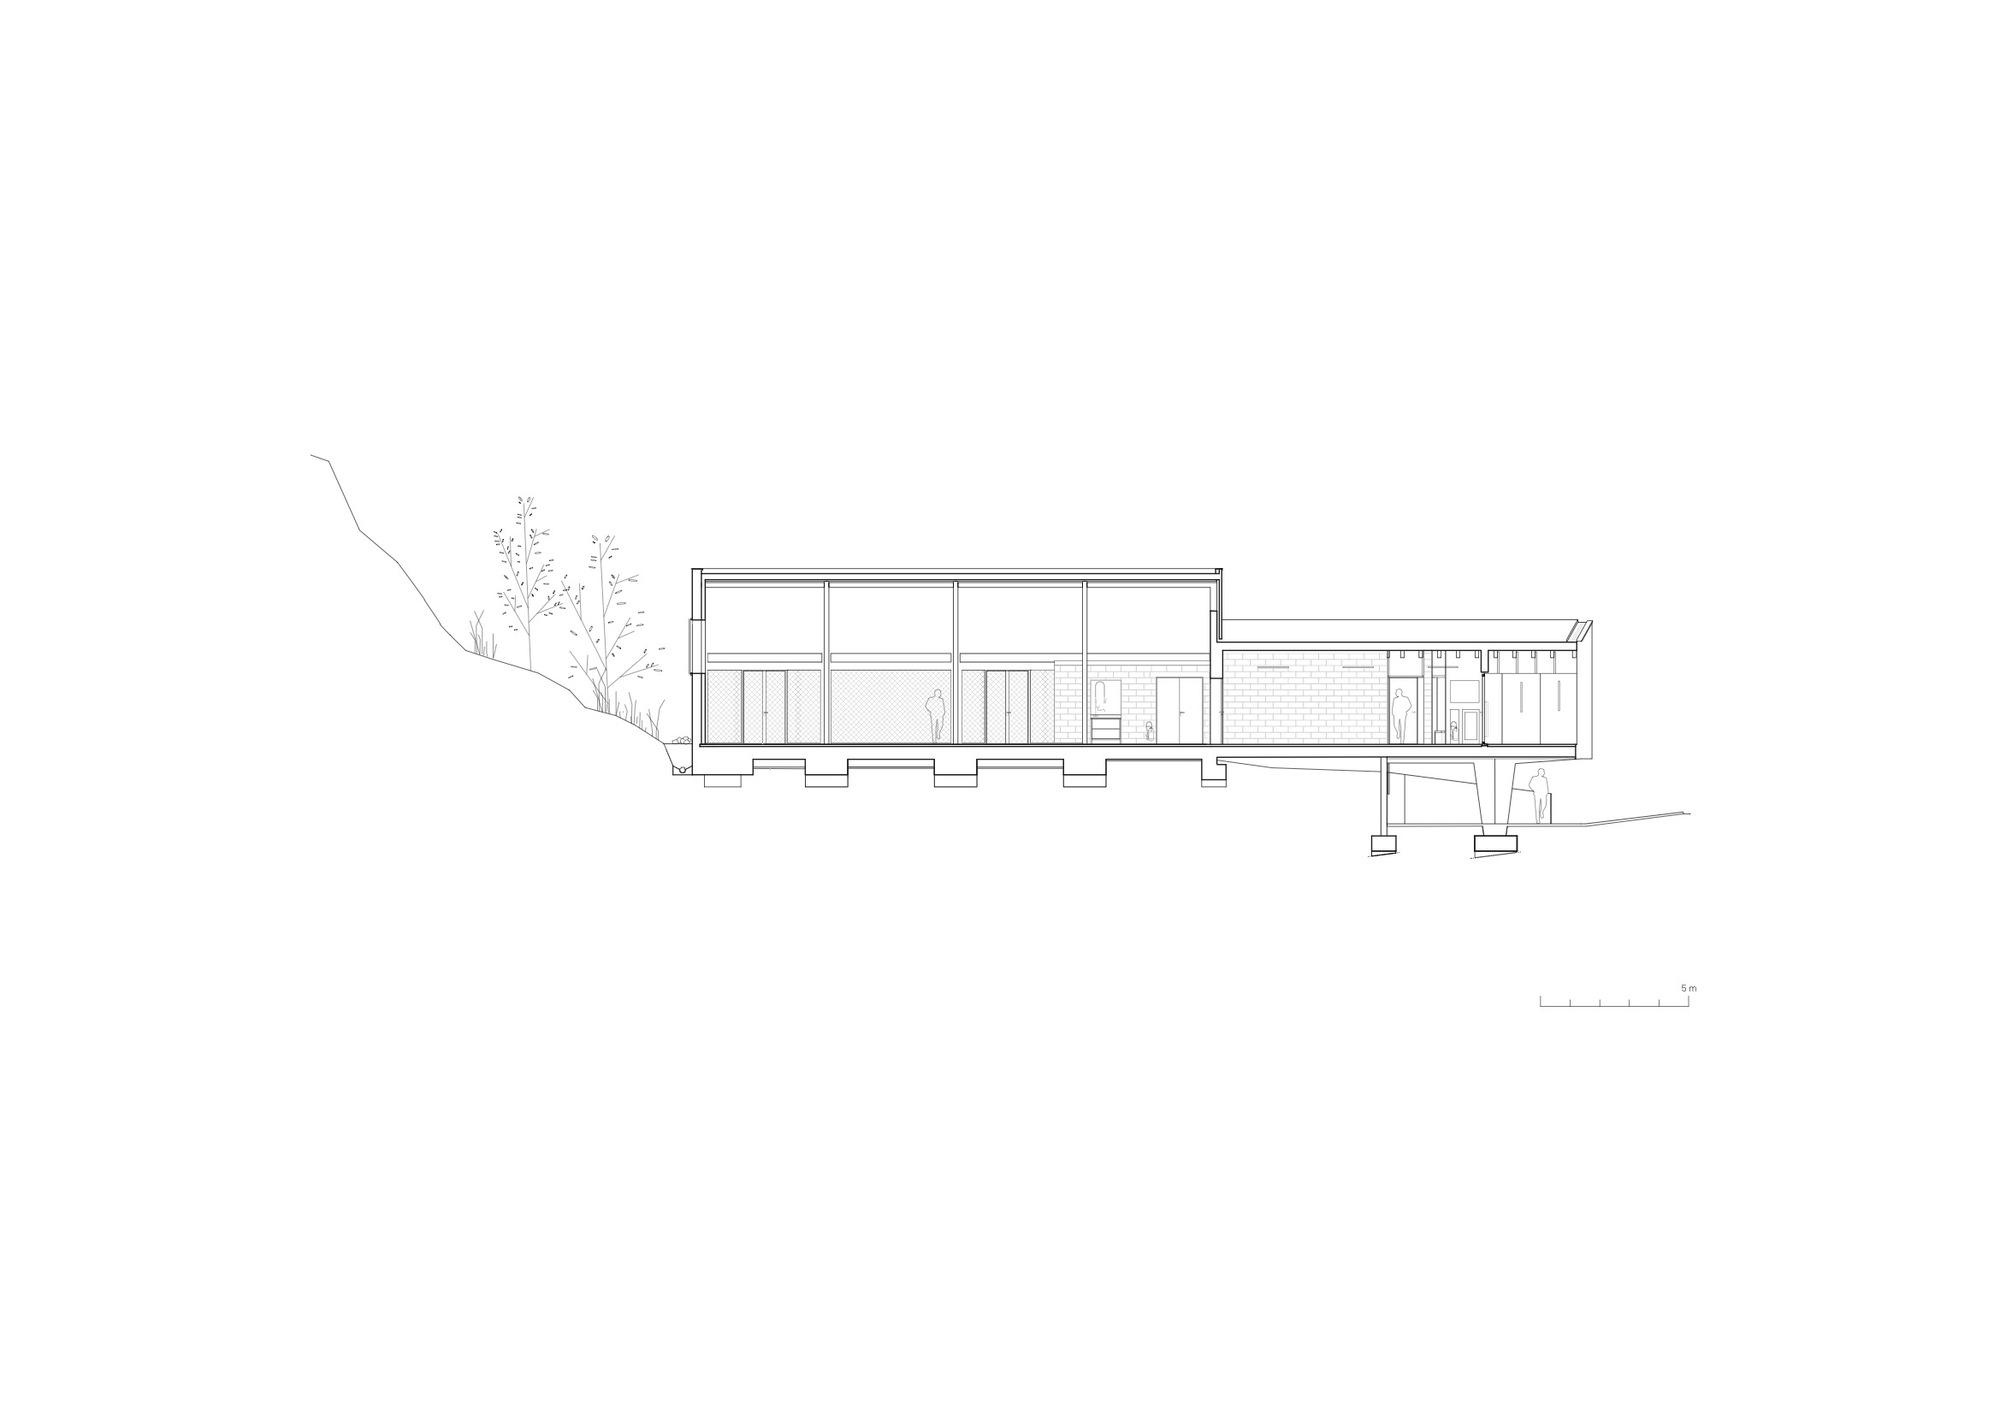 galer a de estaci n de bomberos de metzeral lo c picquet architecte 26. Black Bedroom Furniture Sets. Home Design Ideas